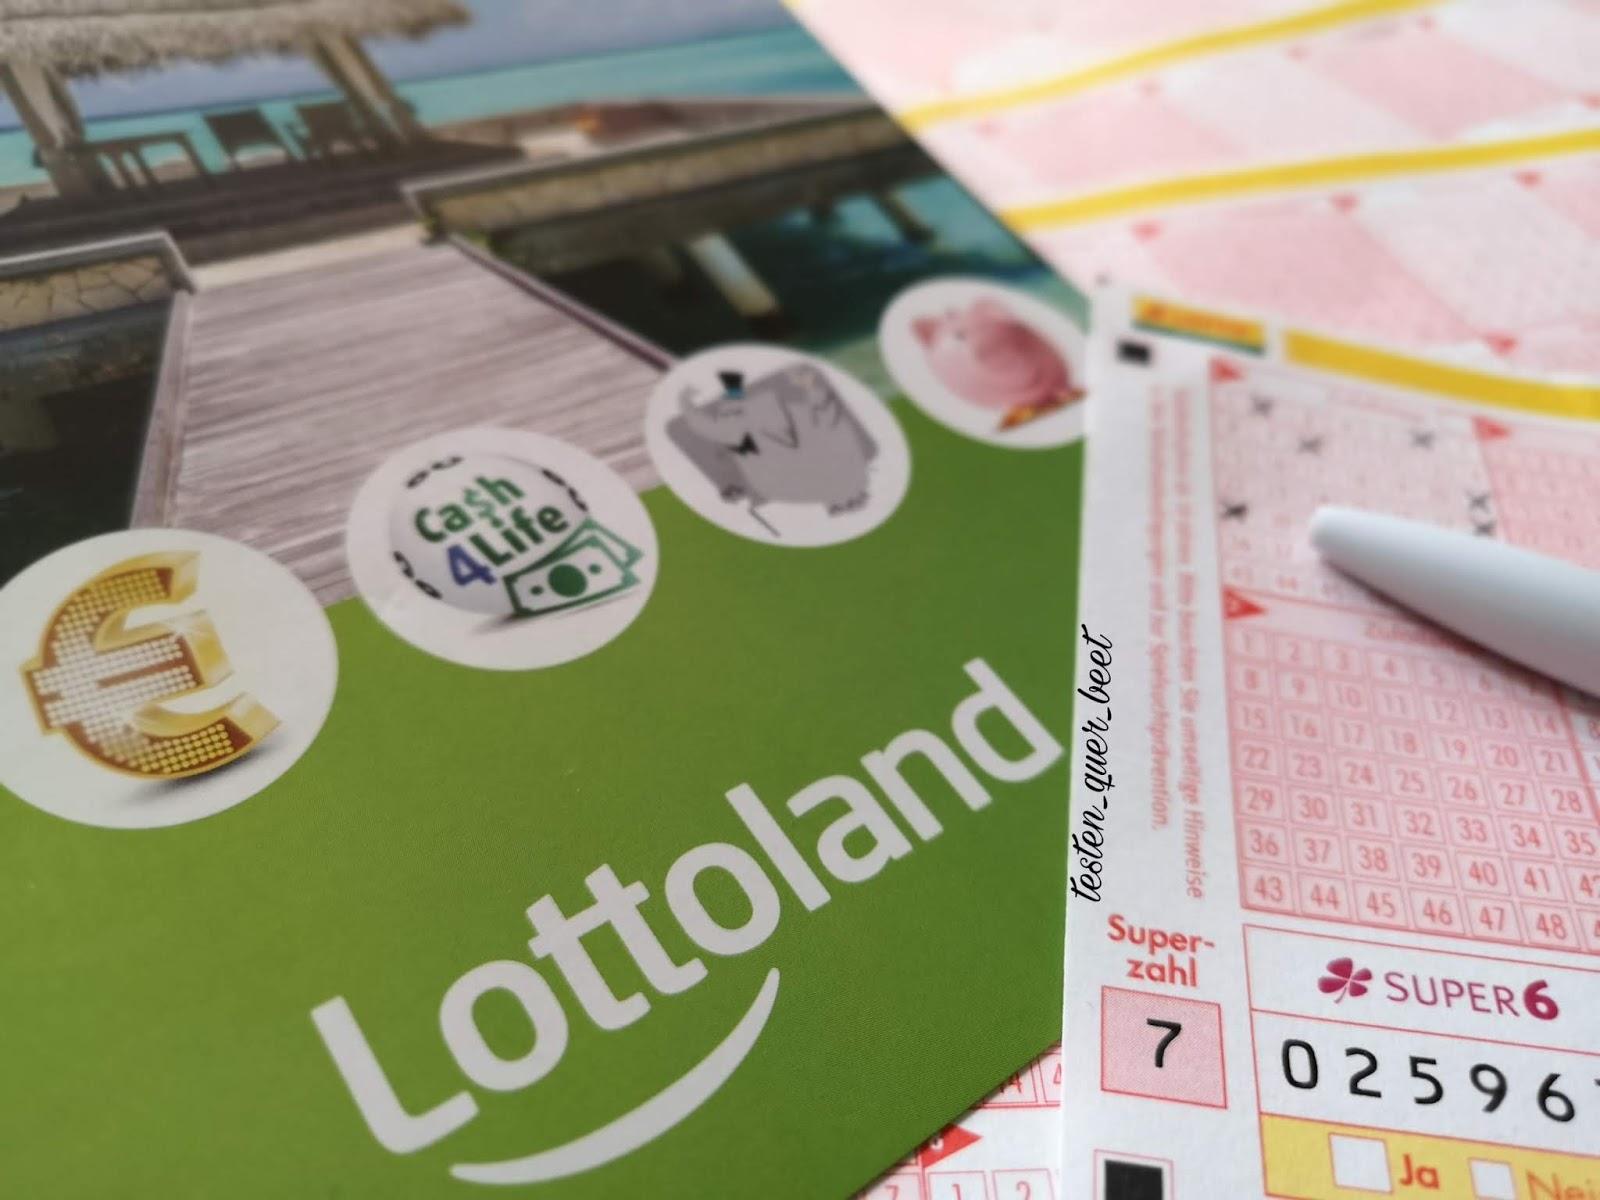 Lottoland Kostenlos